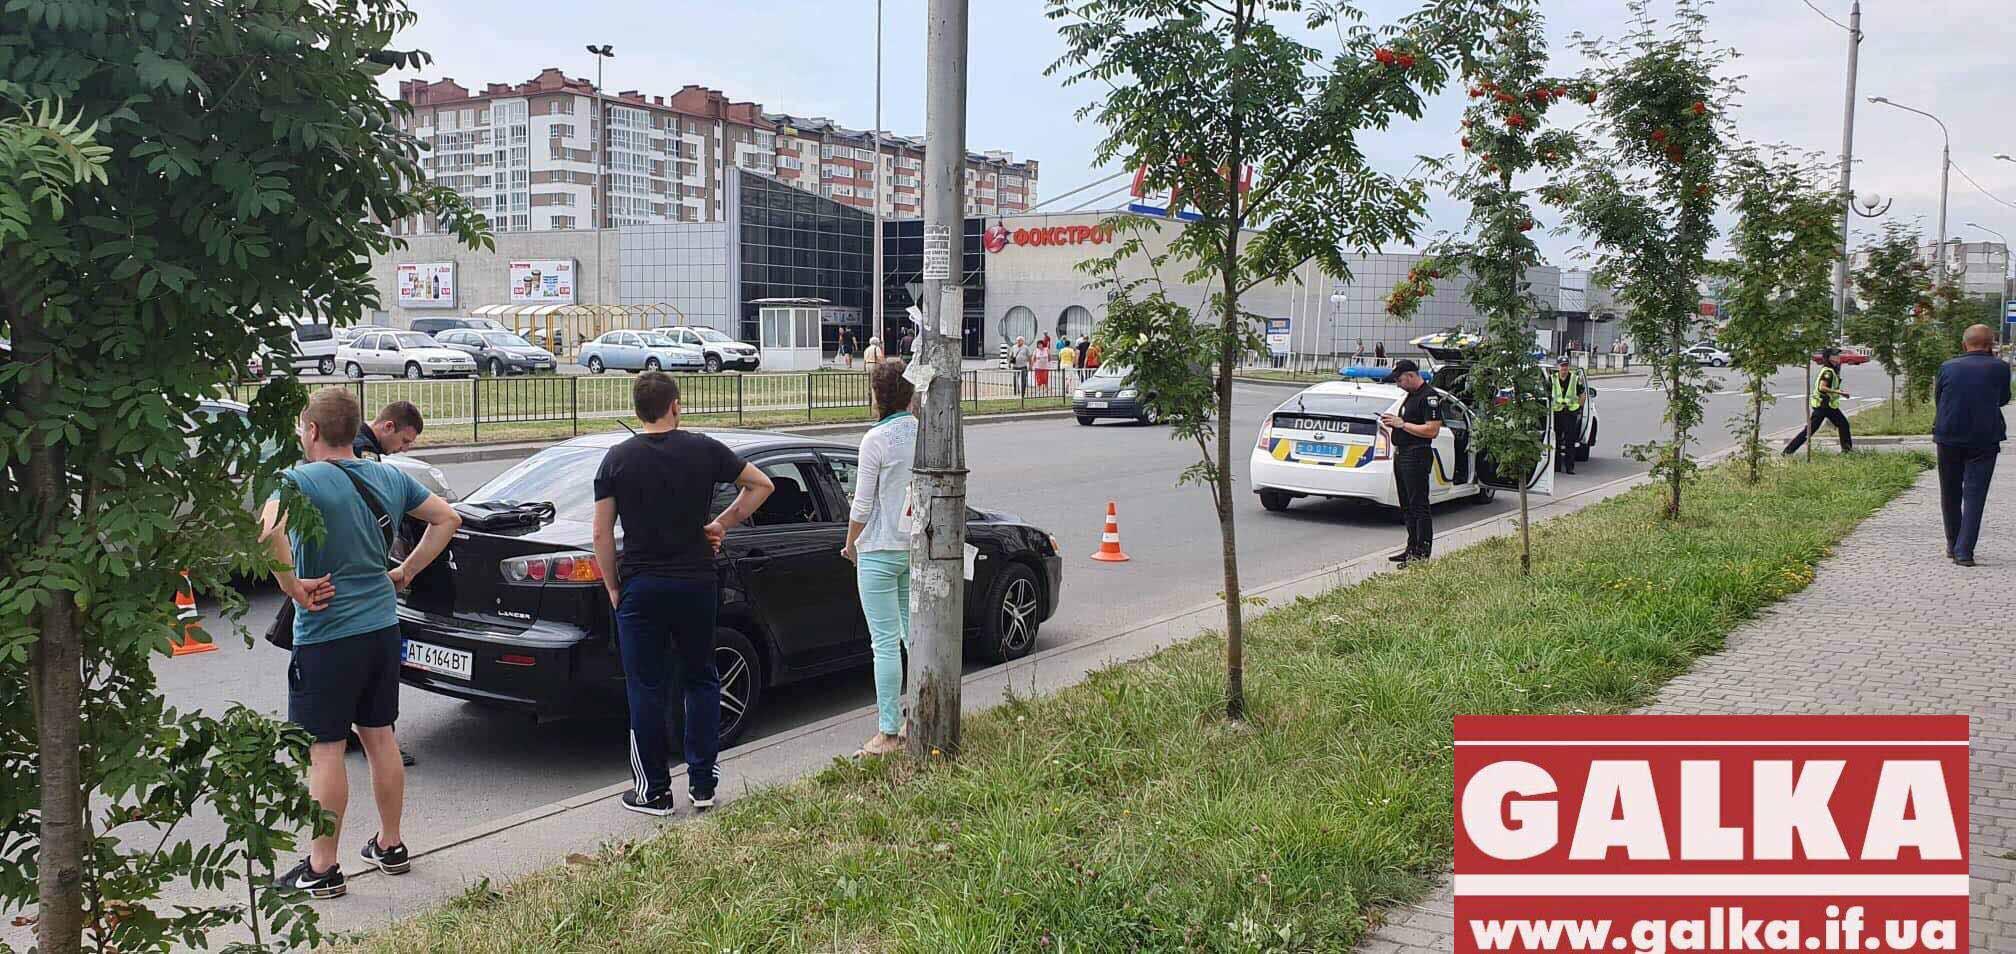 Дівчинка, яку вчора збили на пішохідному переході у Франківську, отримала перелом стегна